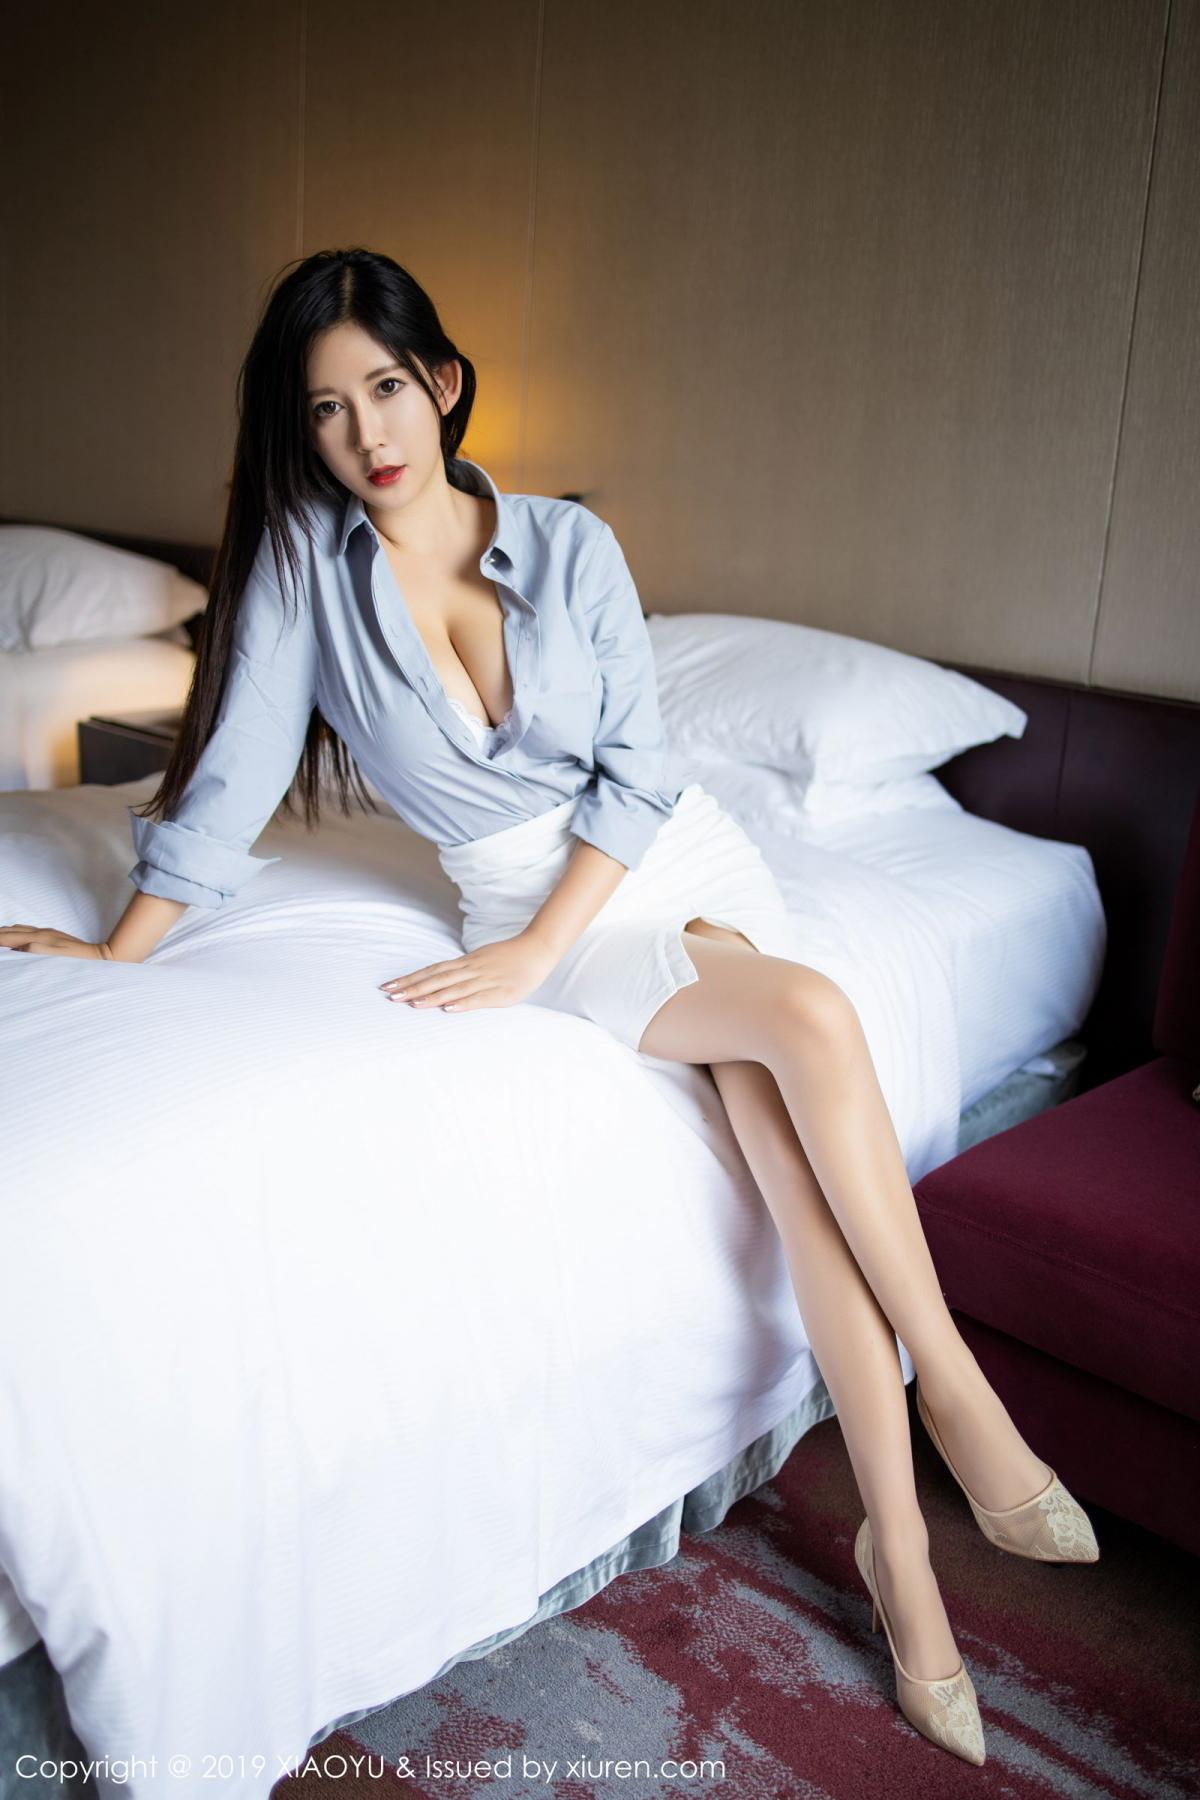 [XiaoYu] Vol.180 Li Ya 9P, Li Ya, Underwear, XiaoYu